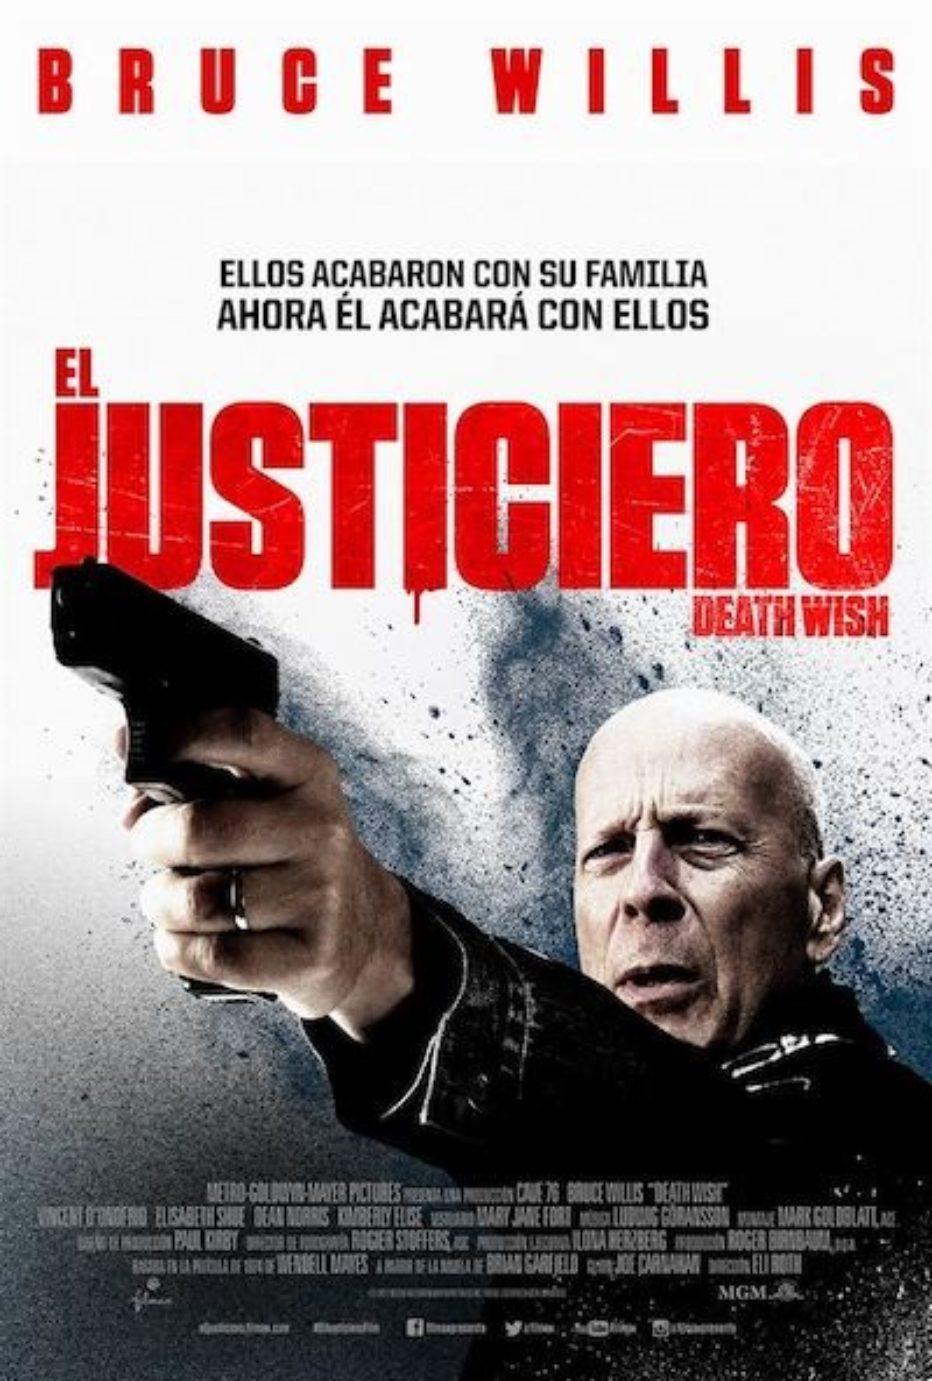 El justiciero: otra vuelta al dilema de la justicia